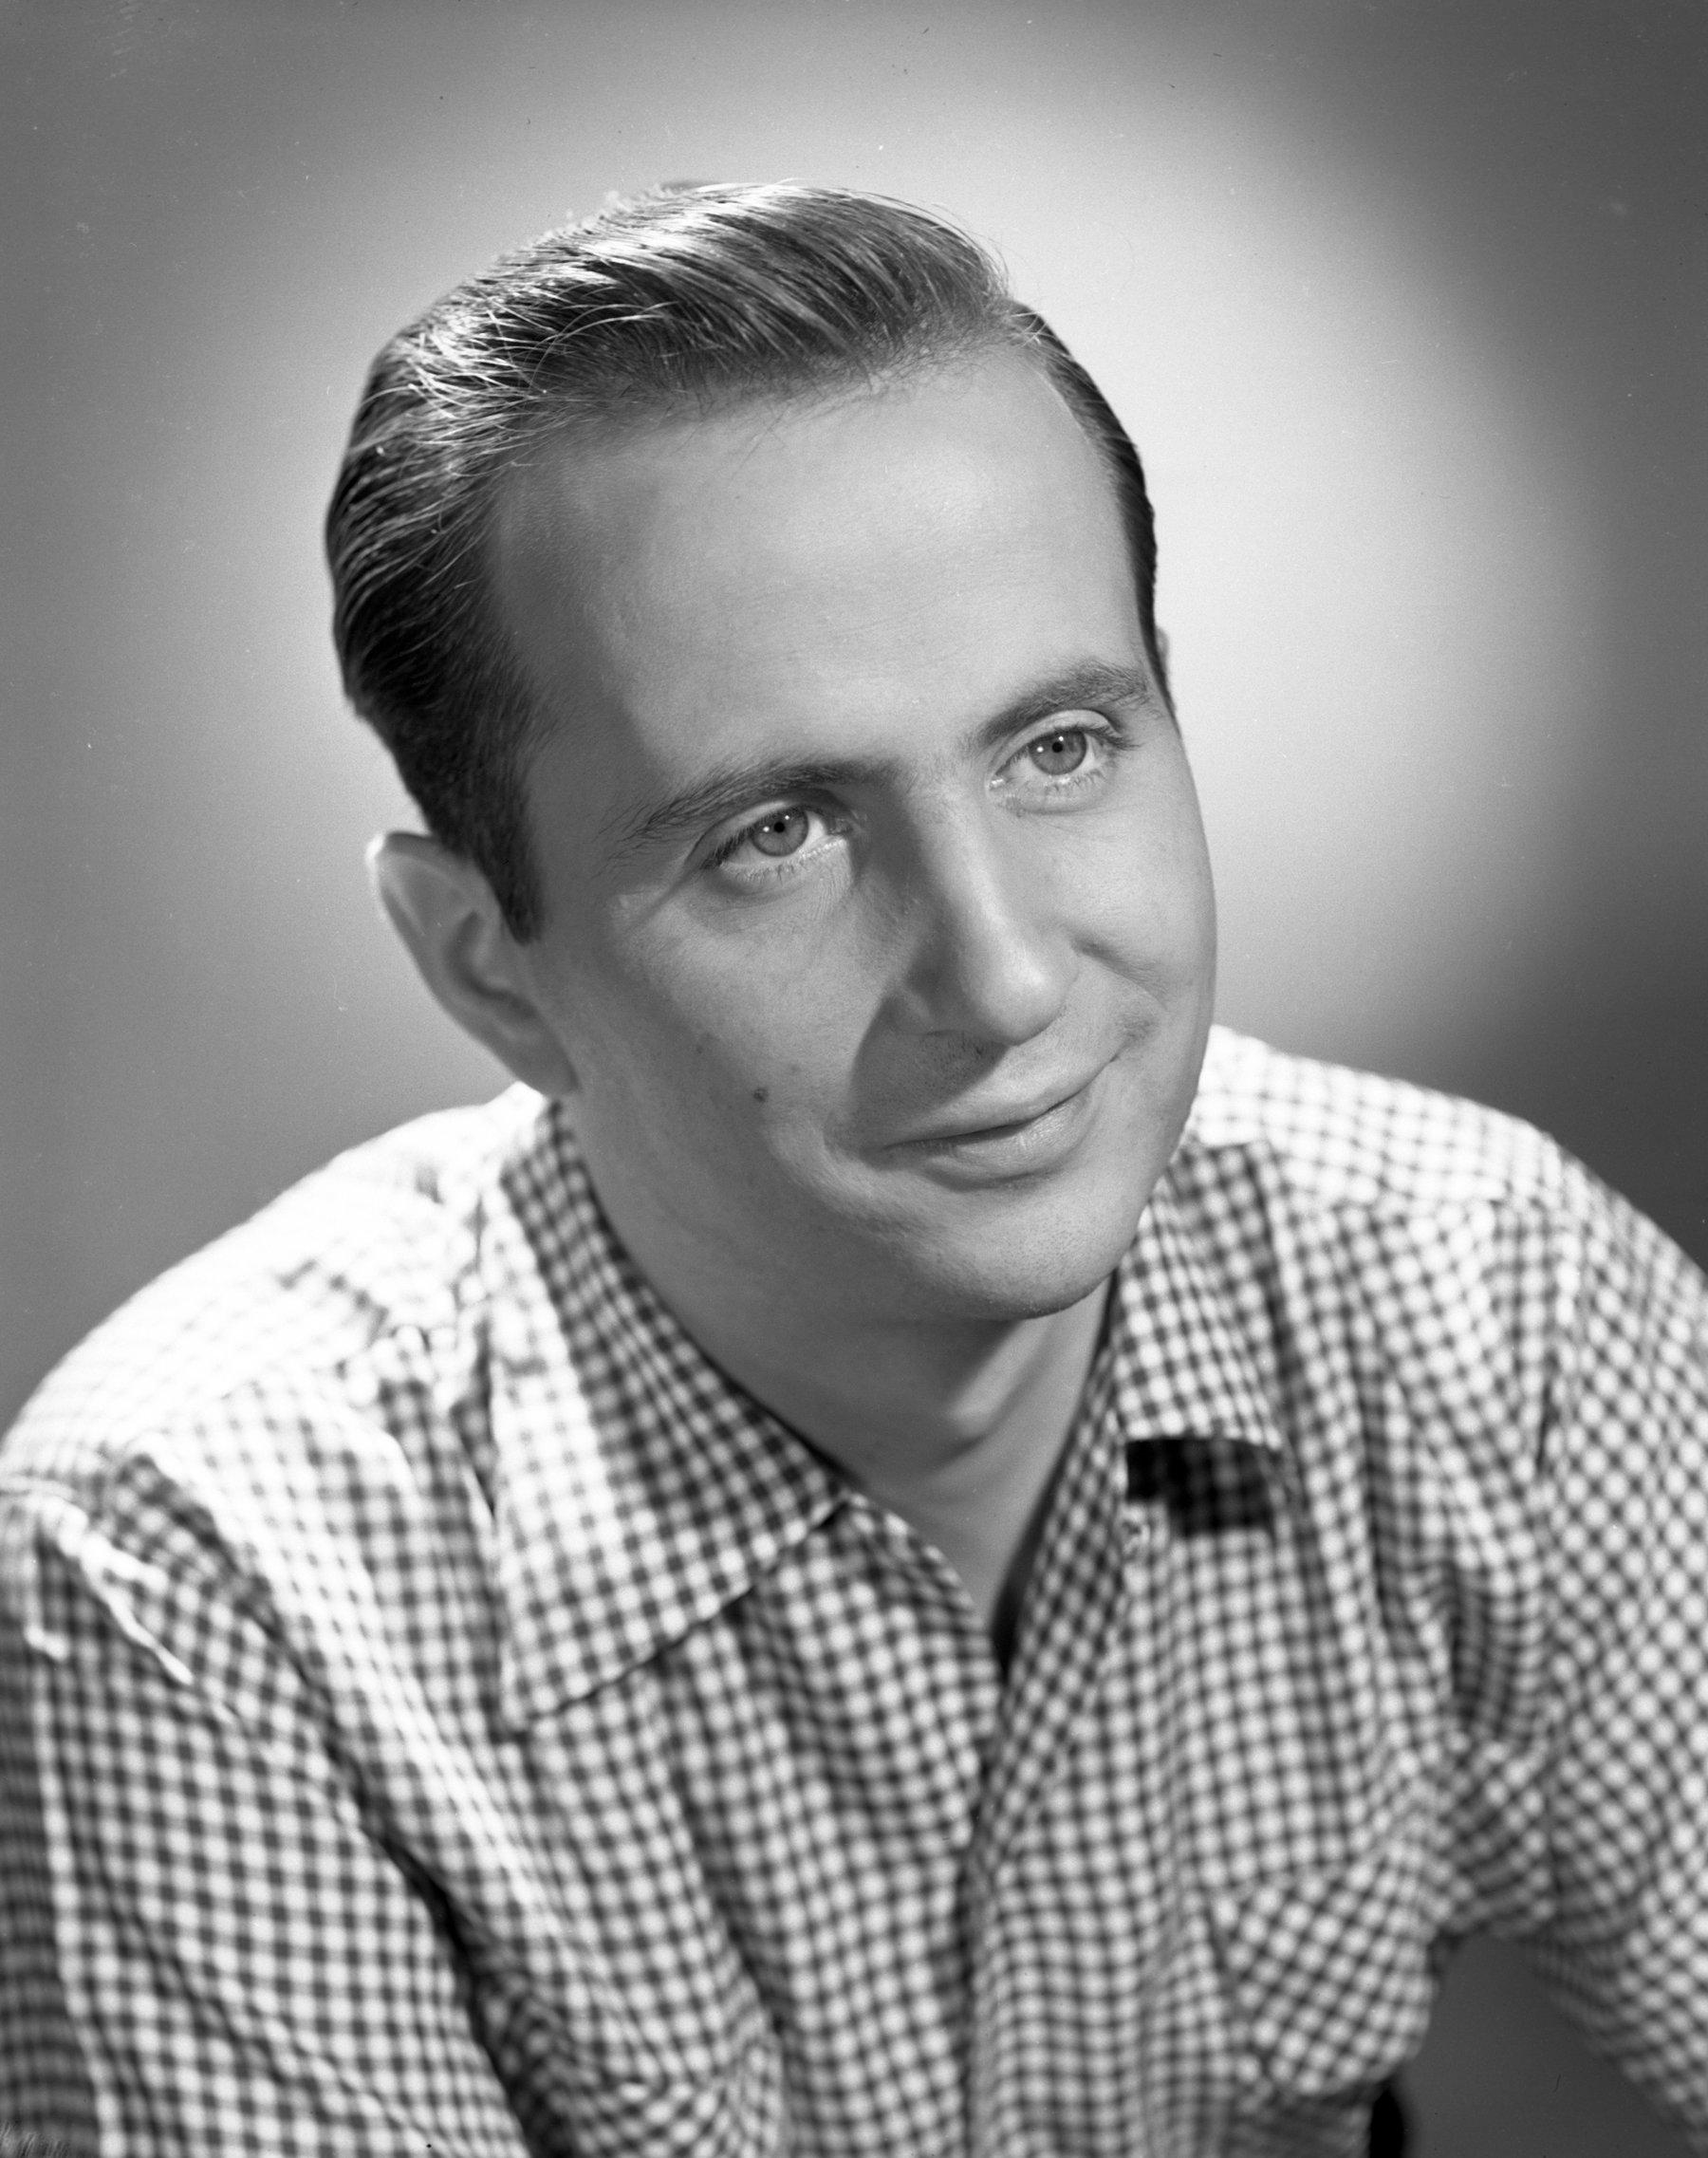 3 작곡가로 이름을 알리기 시작하던 60년대 조니 맨델의 모습.jpg